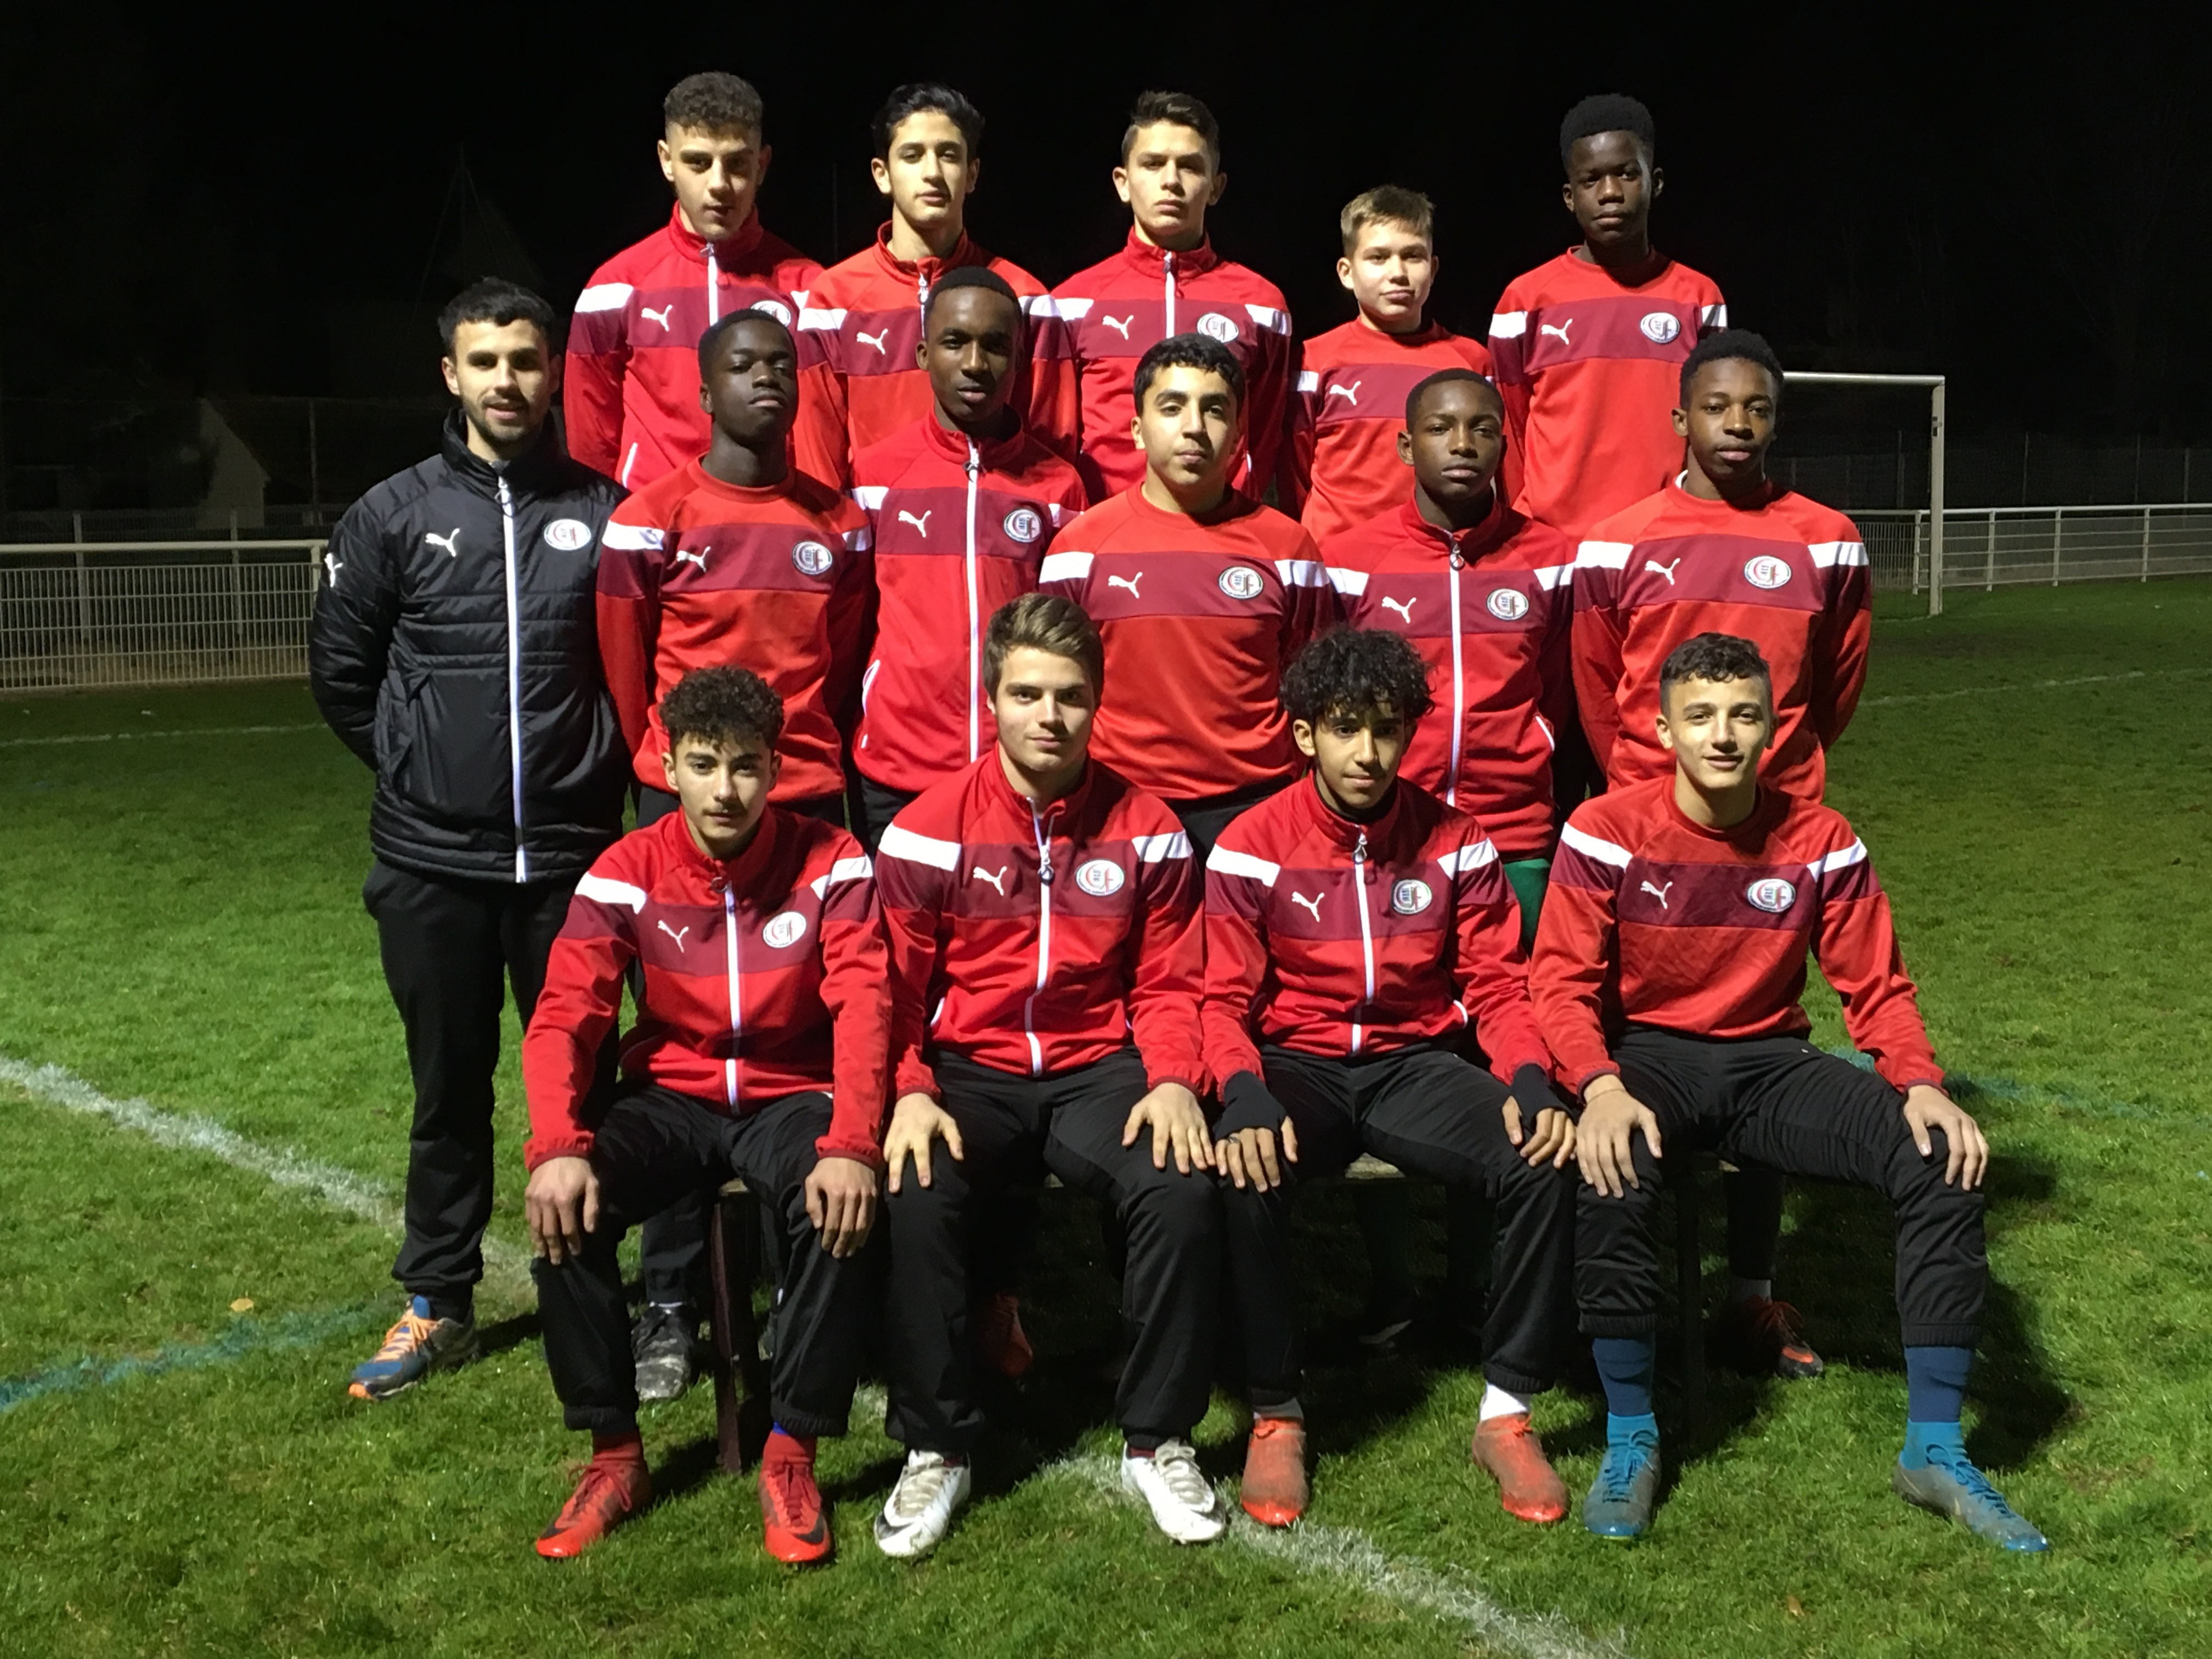 Groupe-U16 : 2017-2018